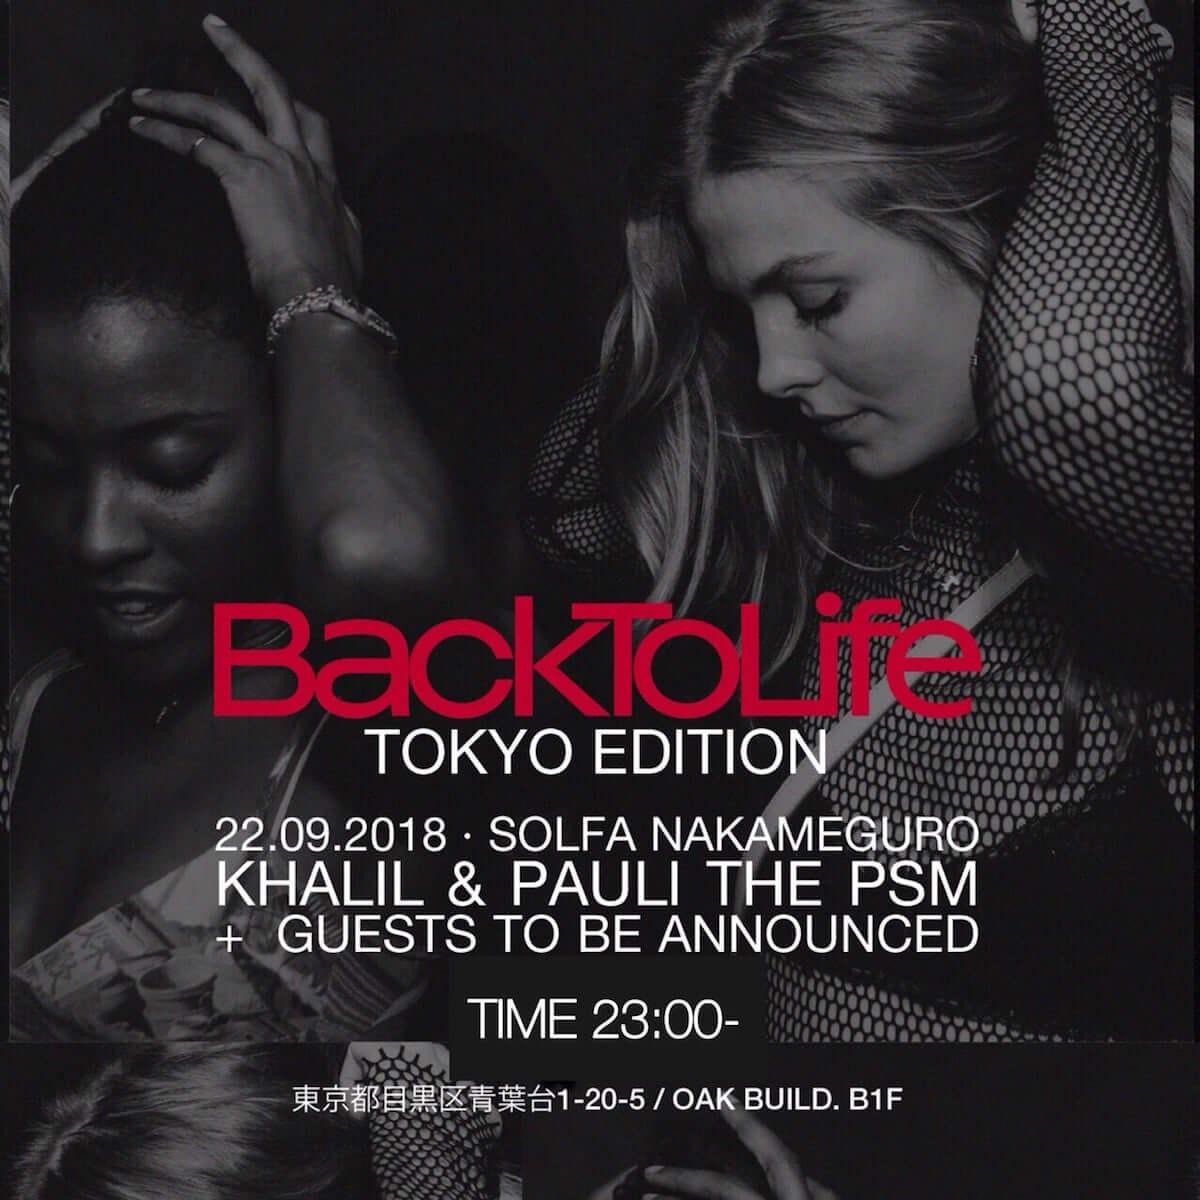 SamphaやNaoが出演したことで話題となったNYのパーティー「Back To Life」が東京に上陸 music180920-back-to-life-tokyo-edition-1200x1200